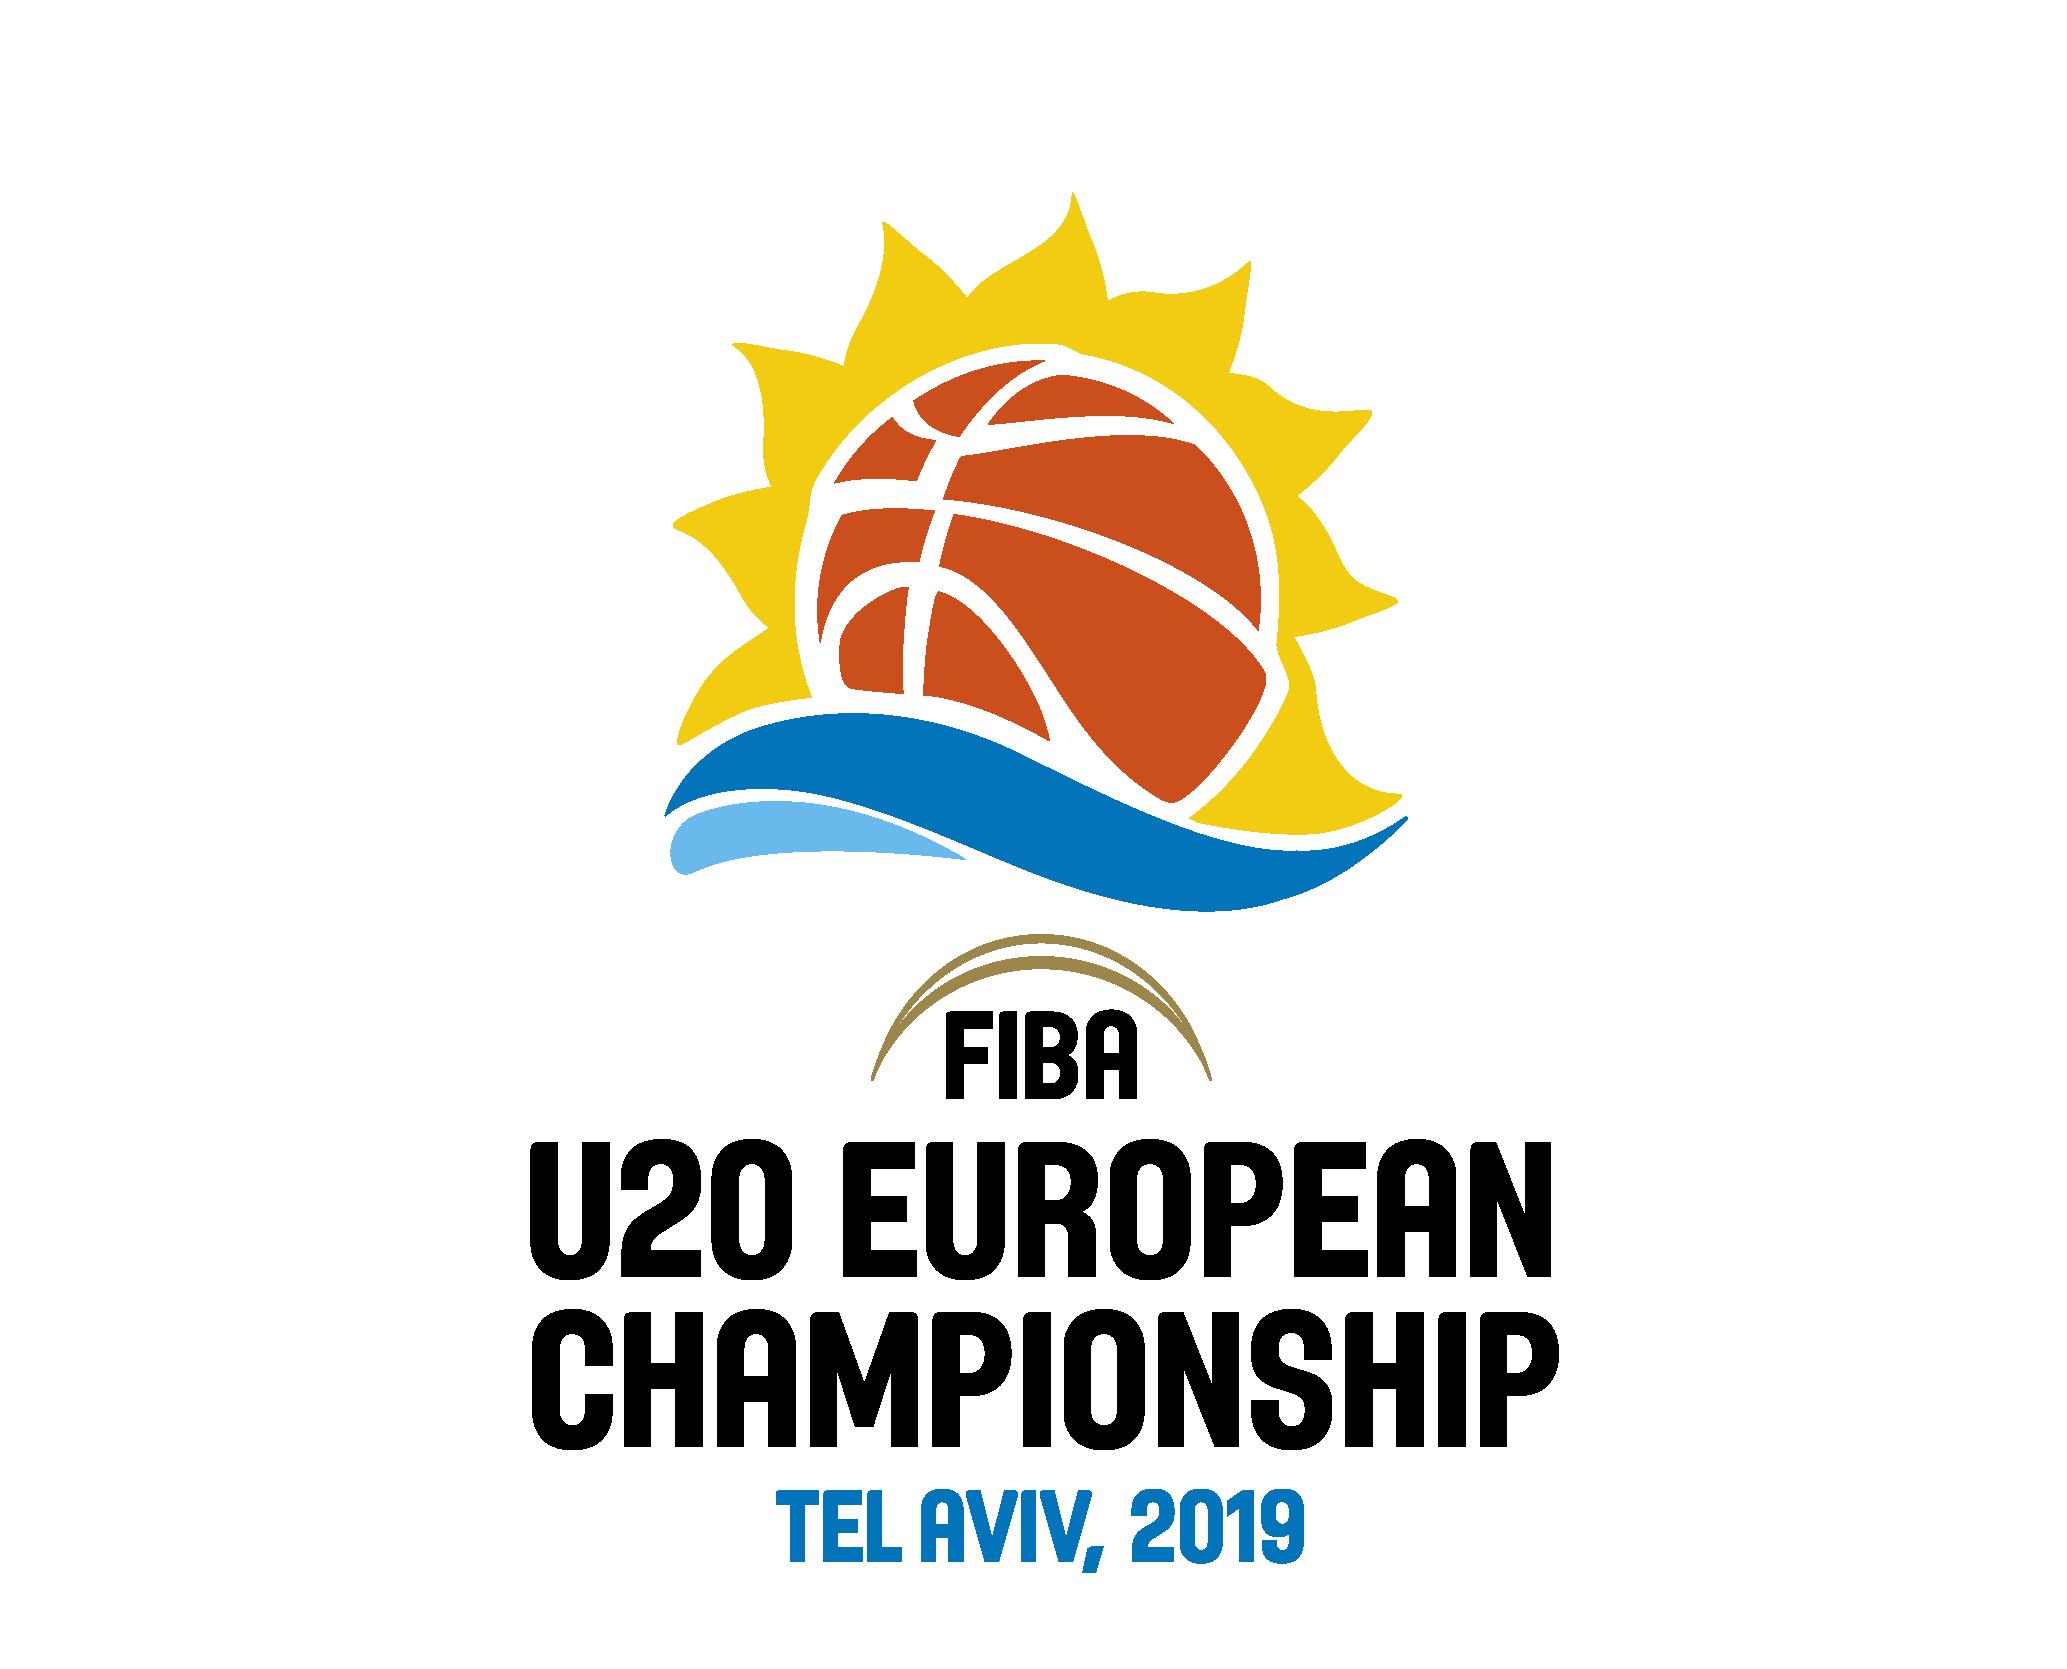 פורסמו לוגו אליפות אירופה עד גיל 20 ולוח הזמנים